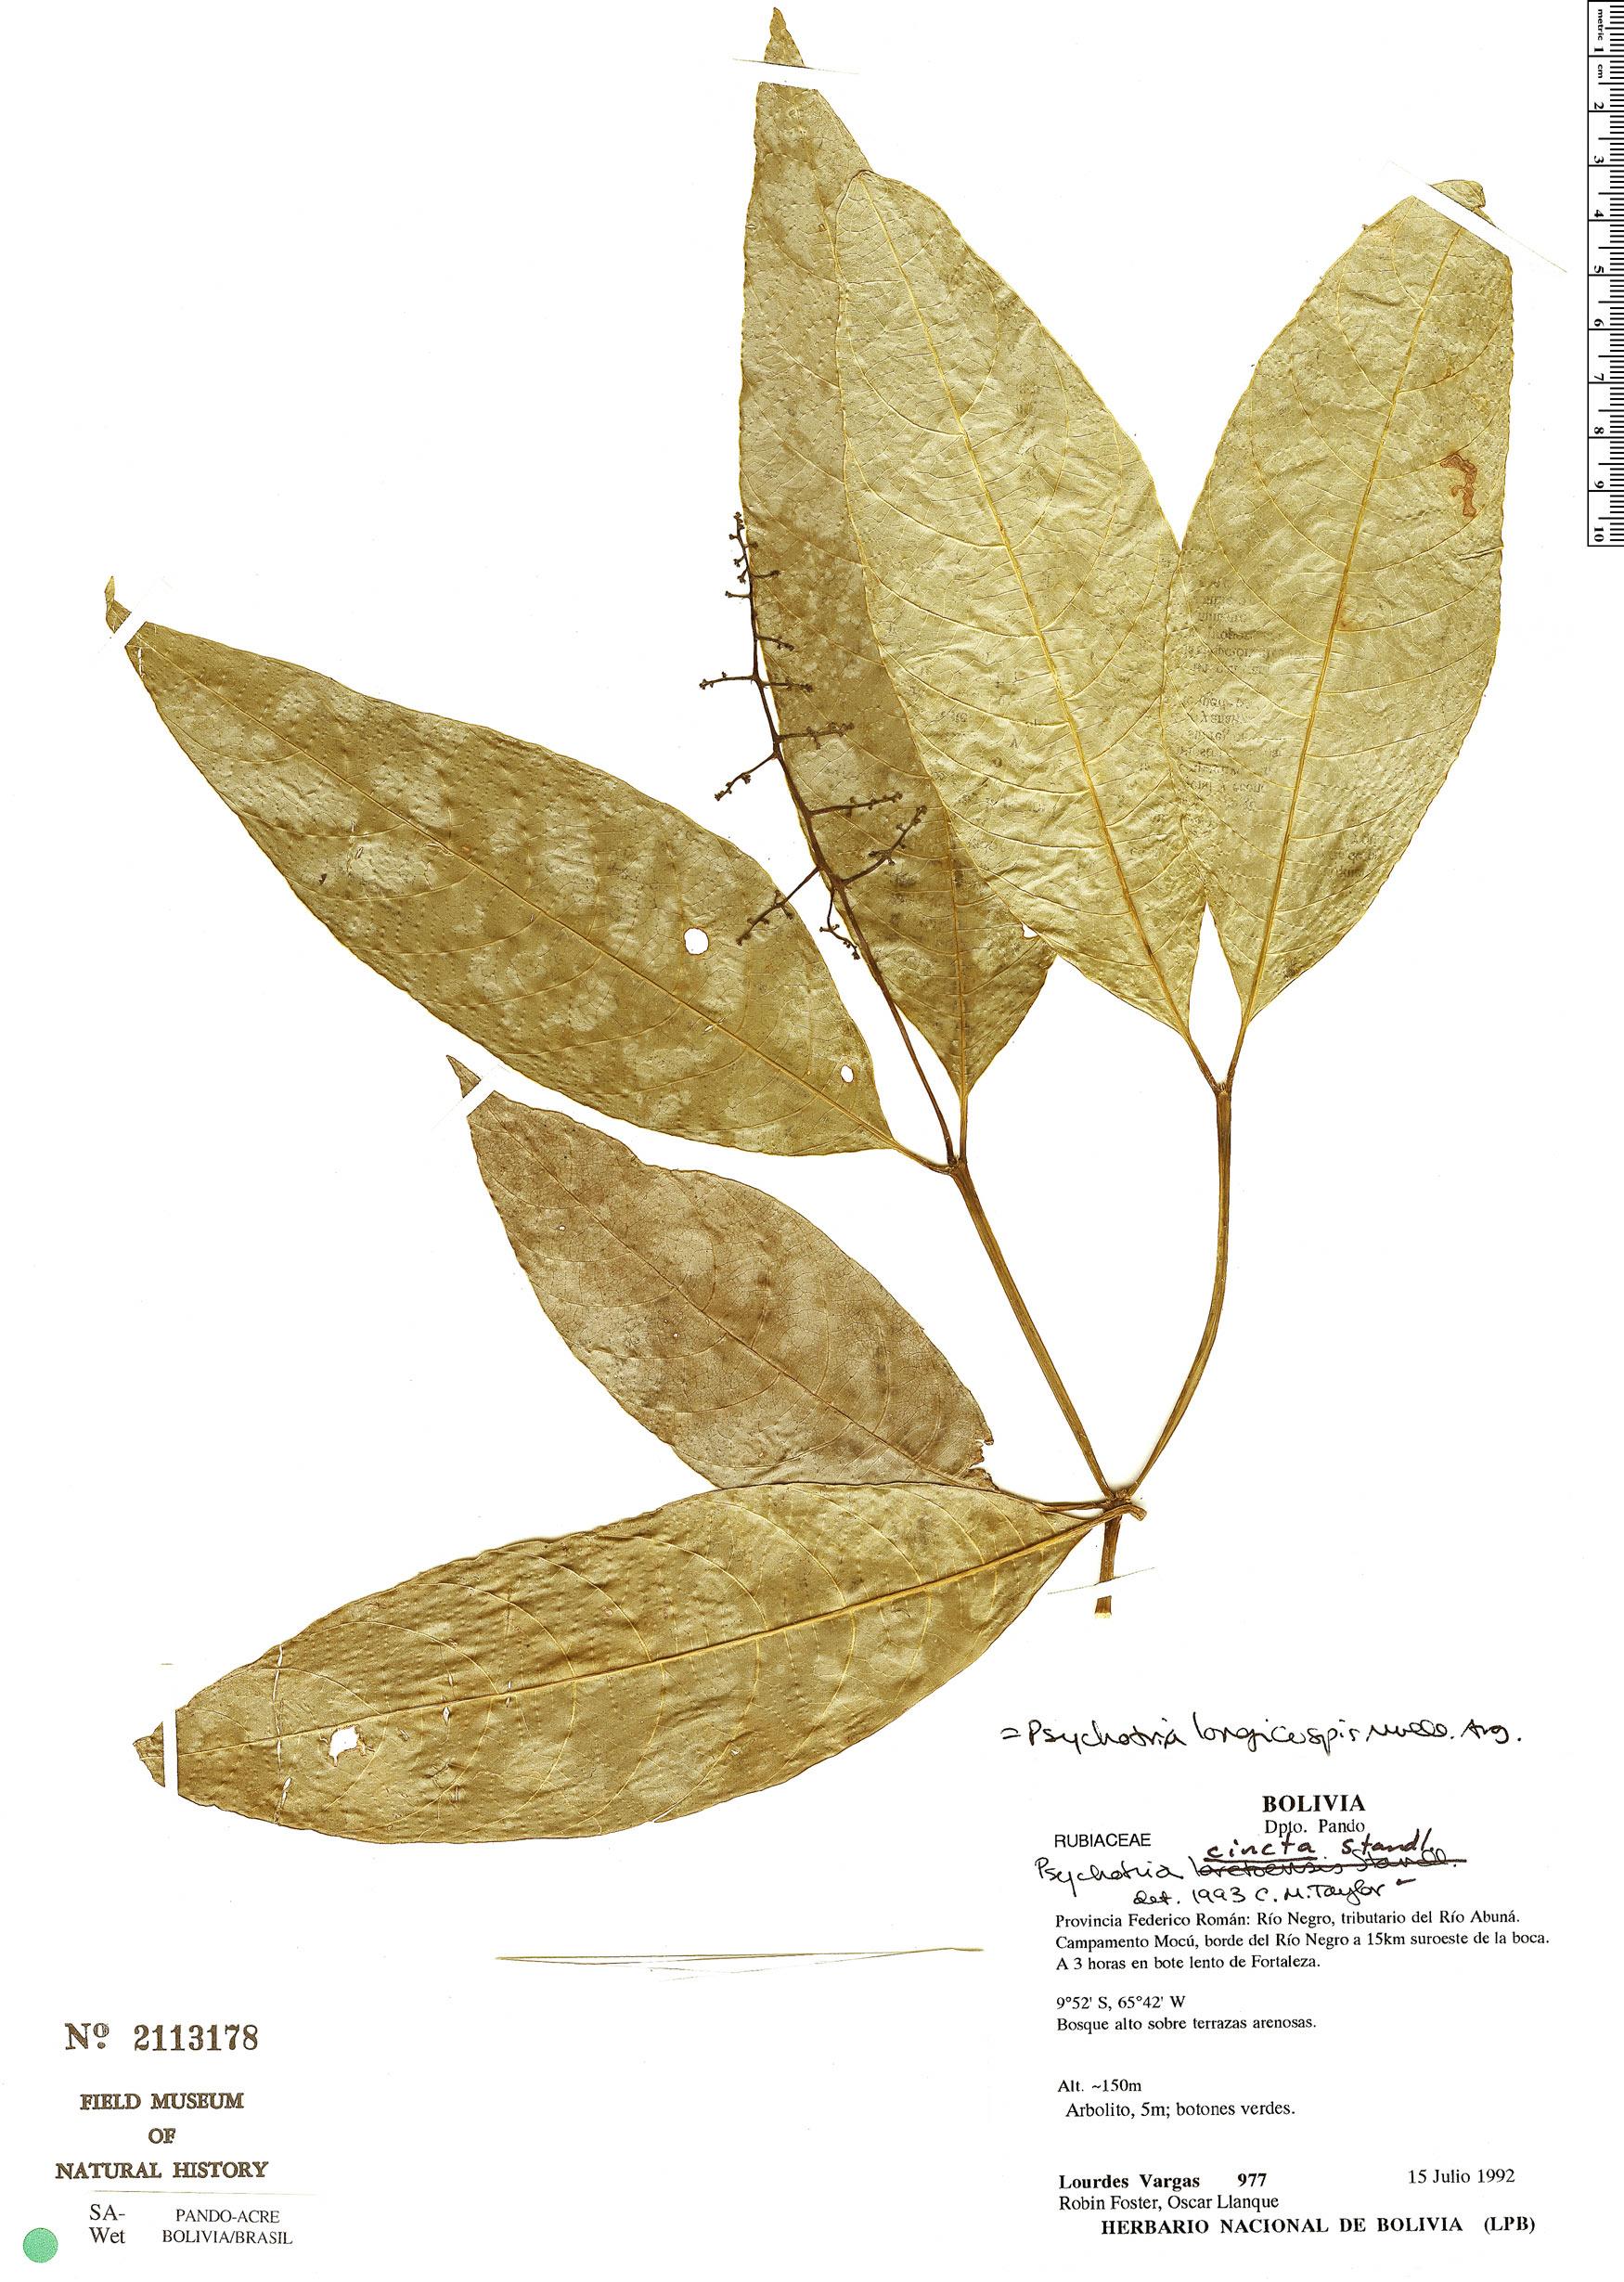 Specimen: Palicourea longicuspis